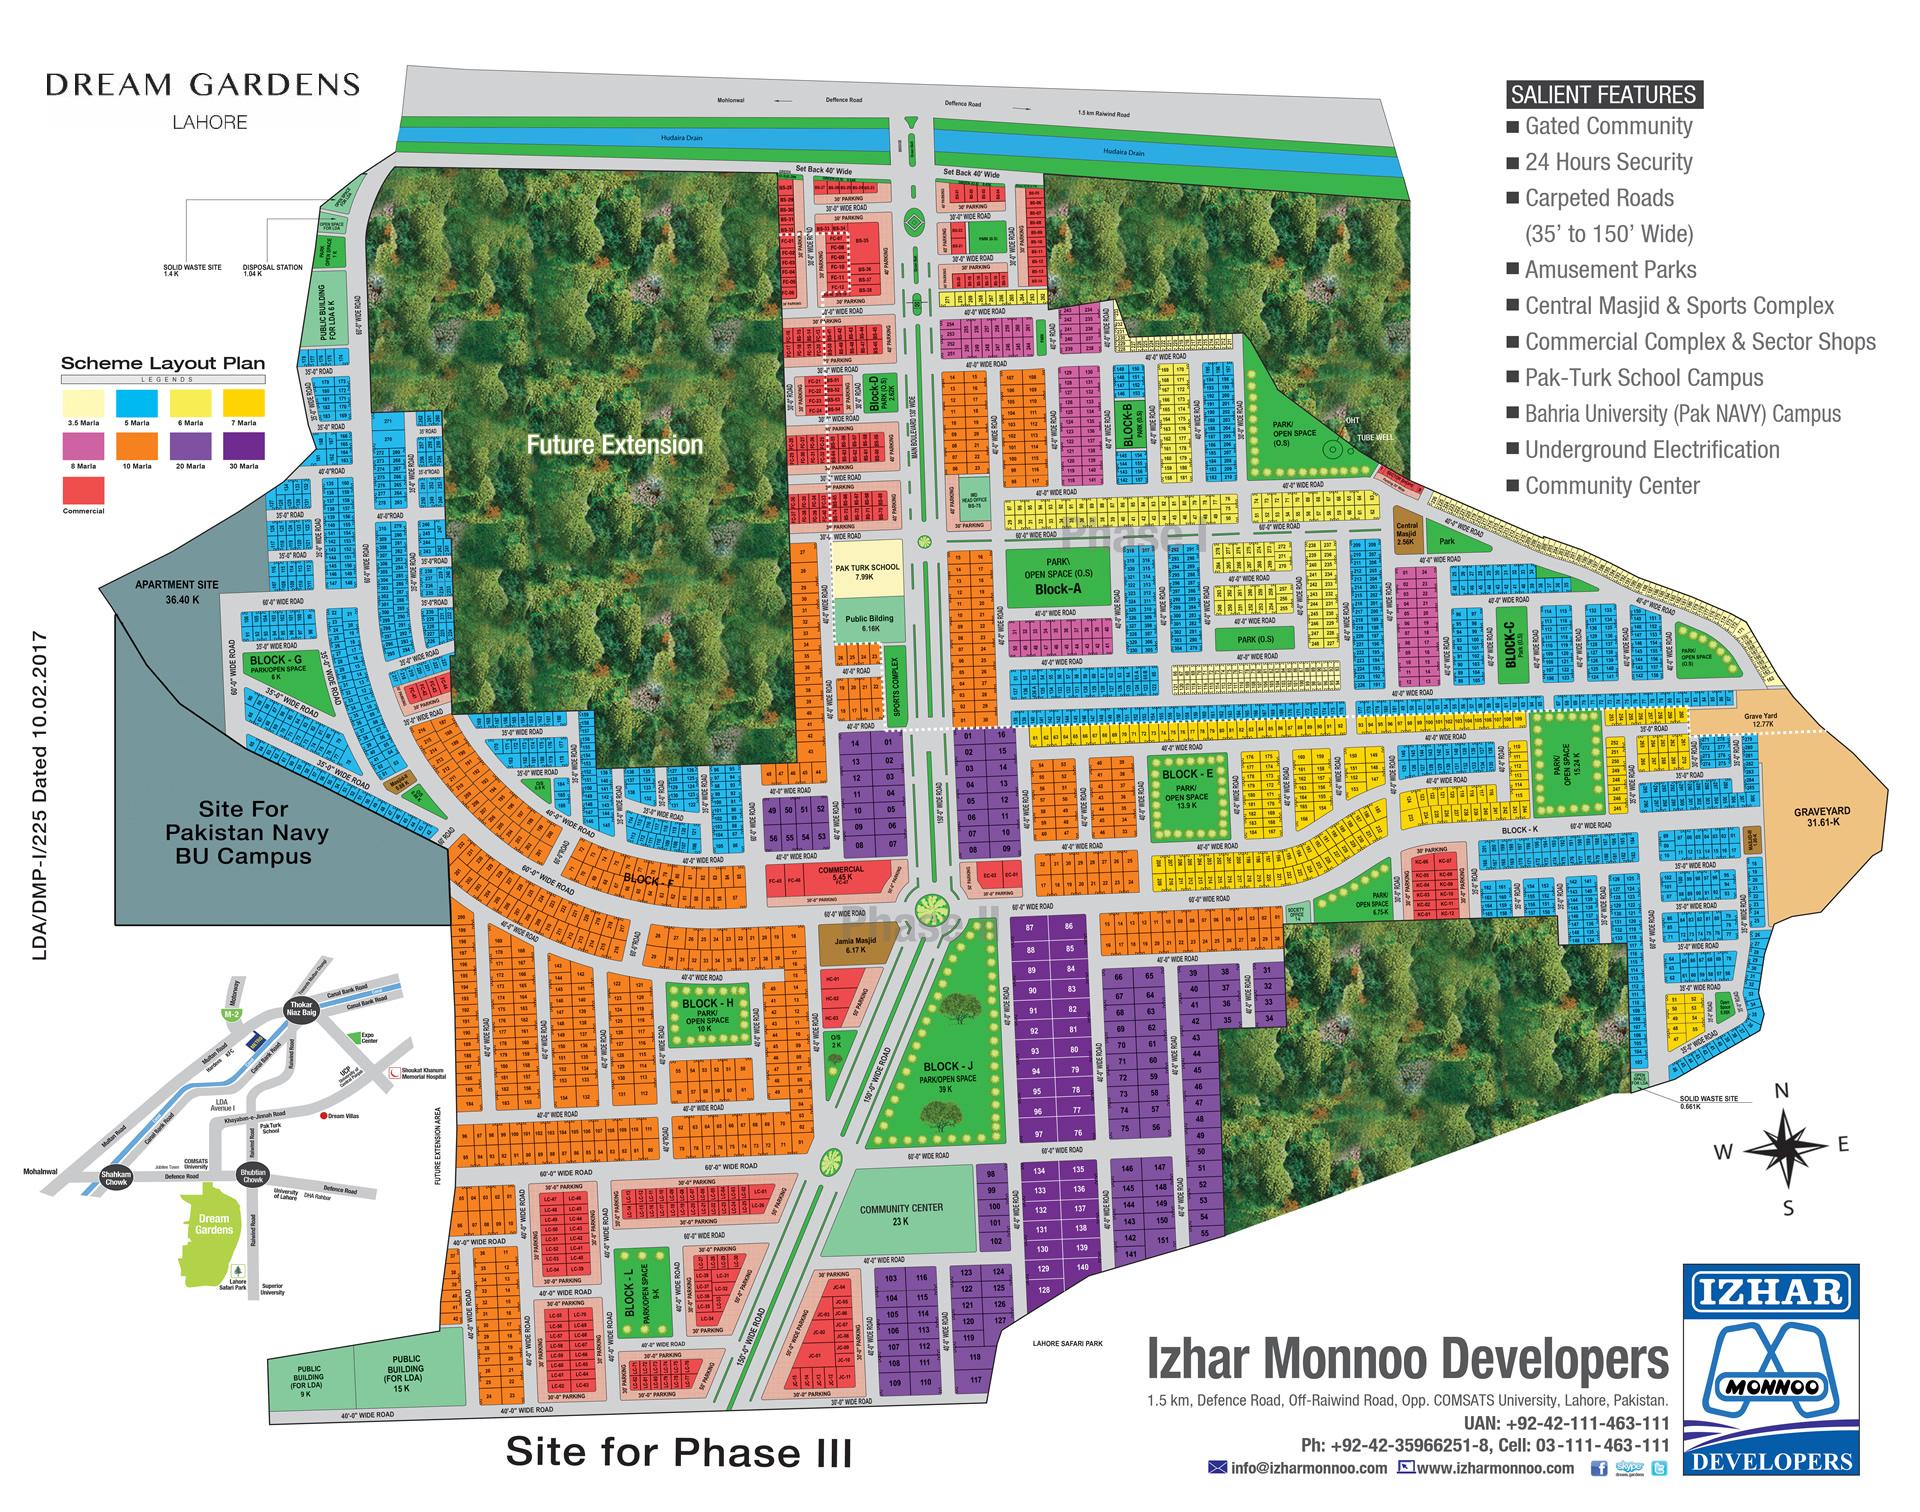 Dream Gardens Lahore : IMD – Izhar-Monnoo Developers